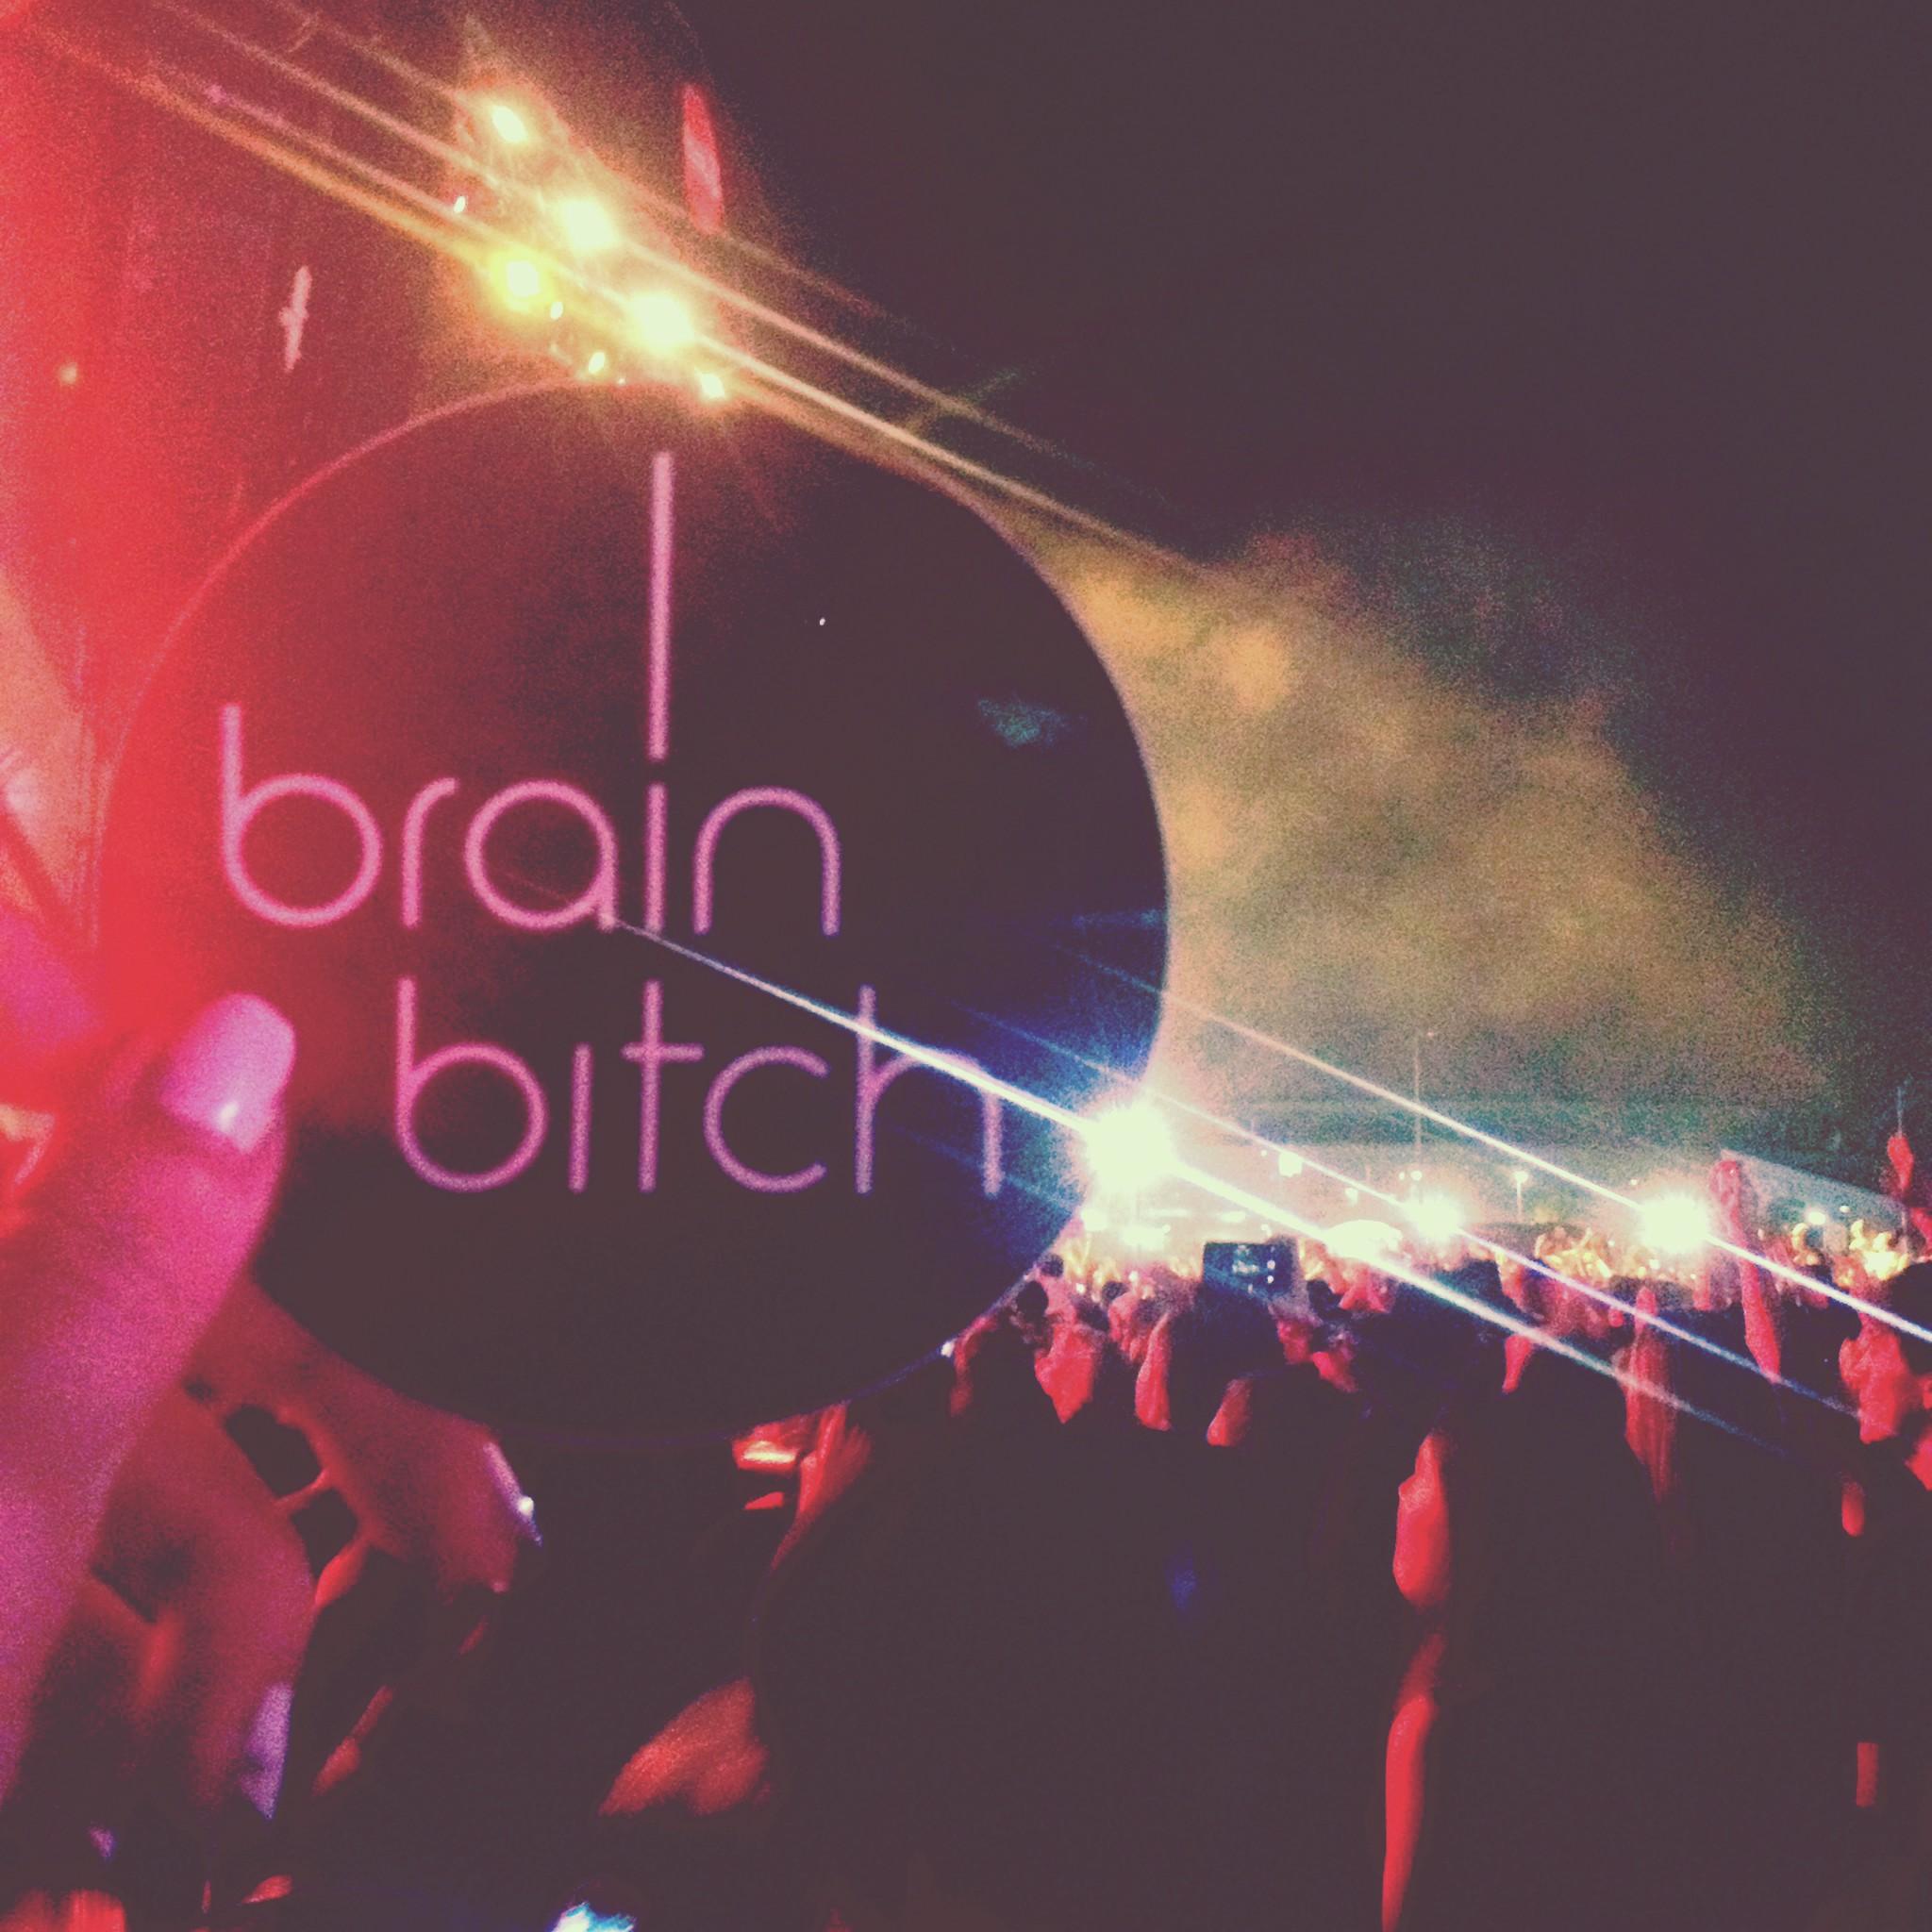 Sticker_Brainbitch.jpg